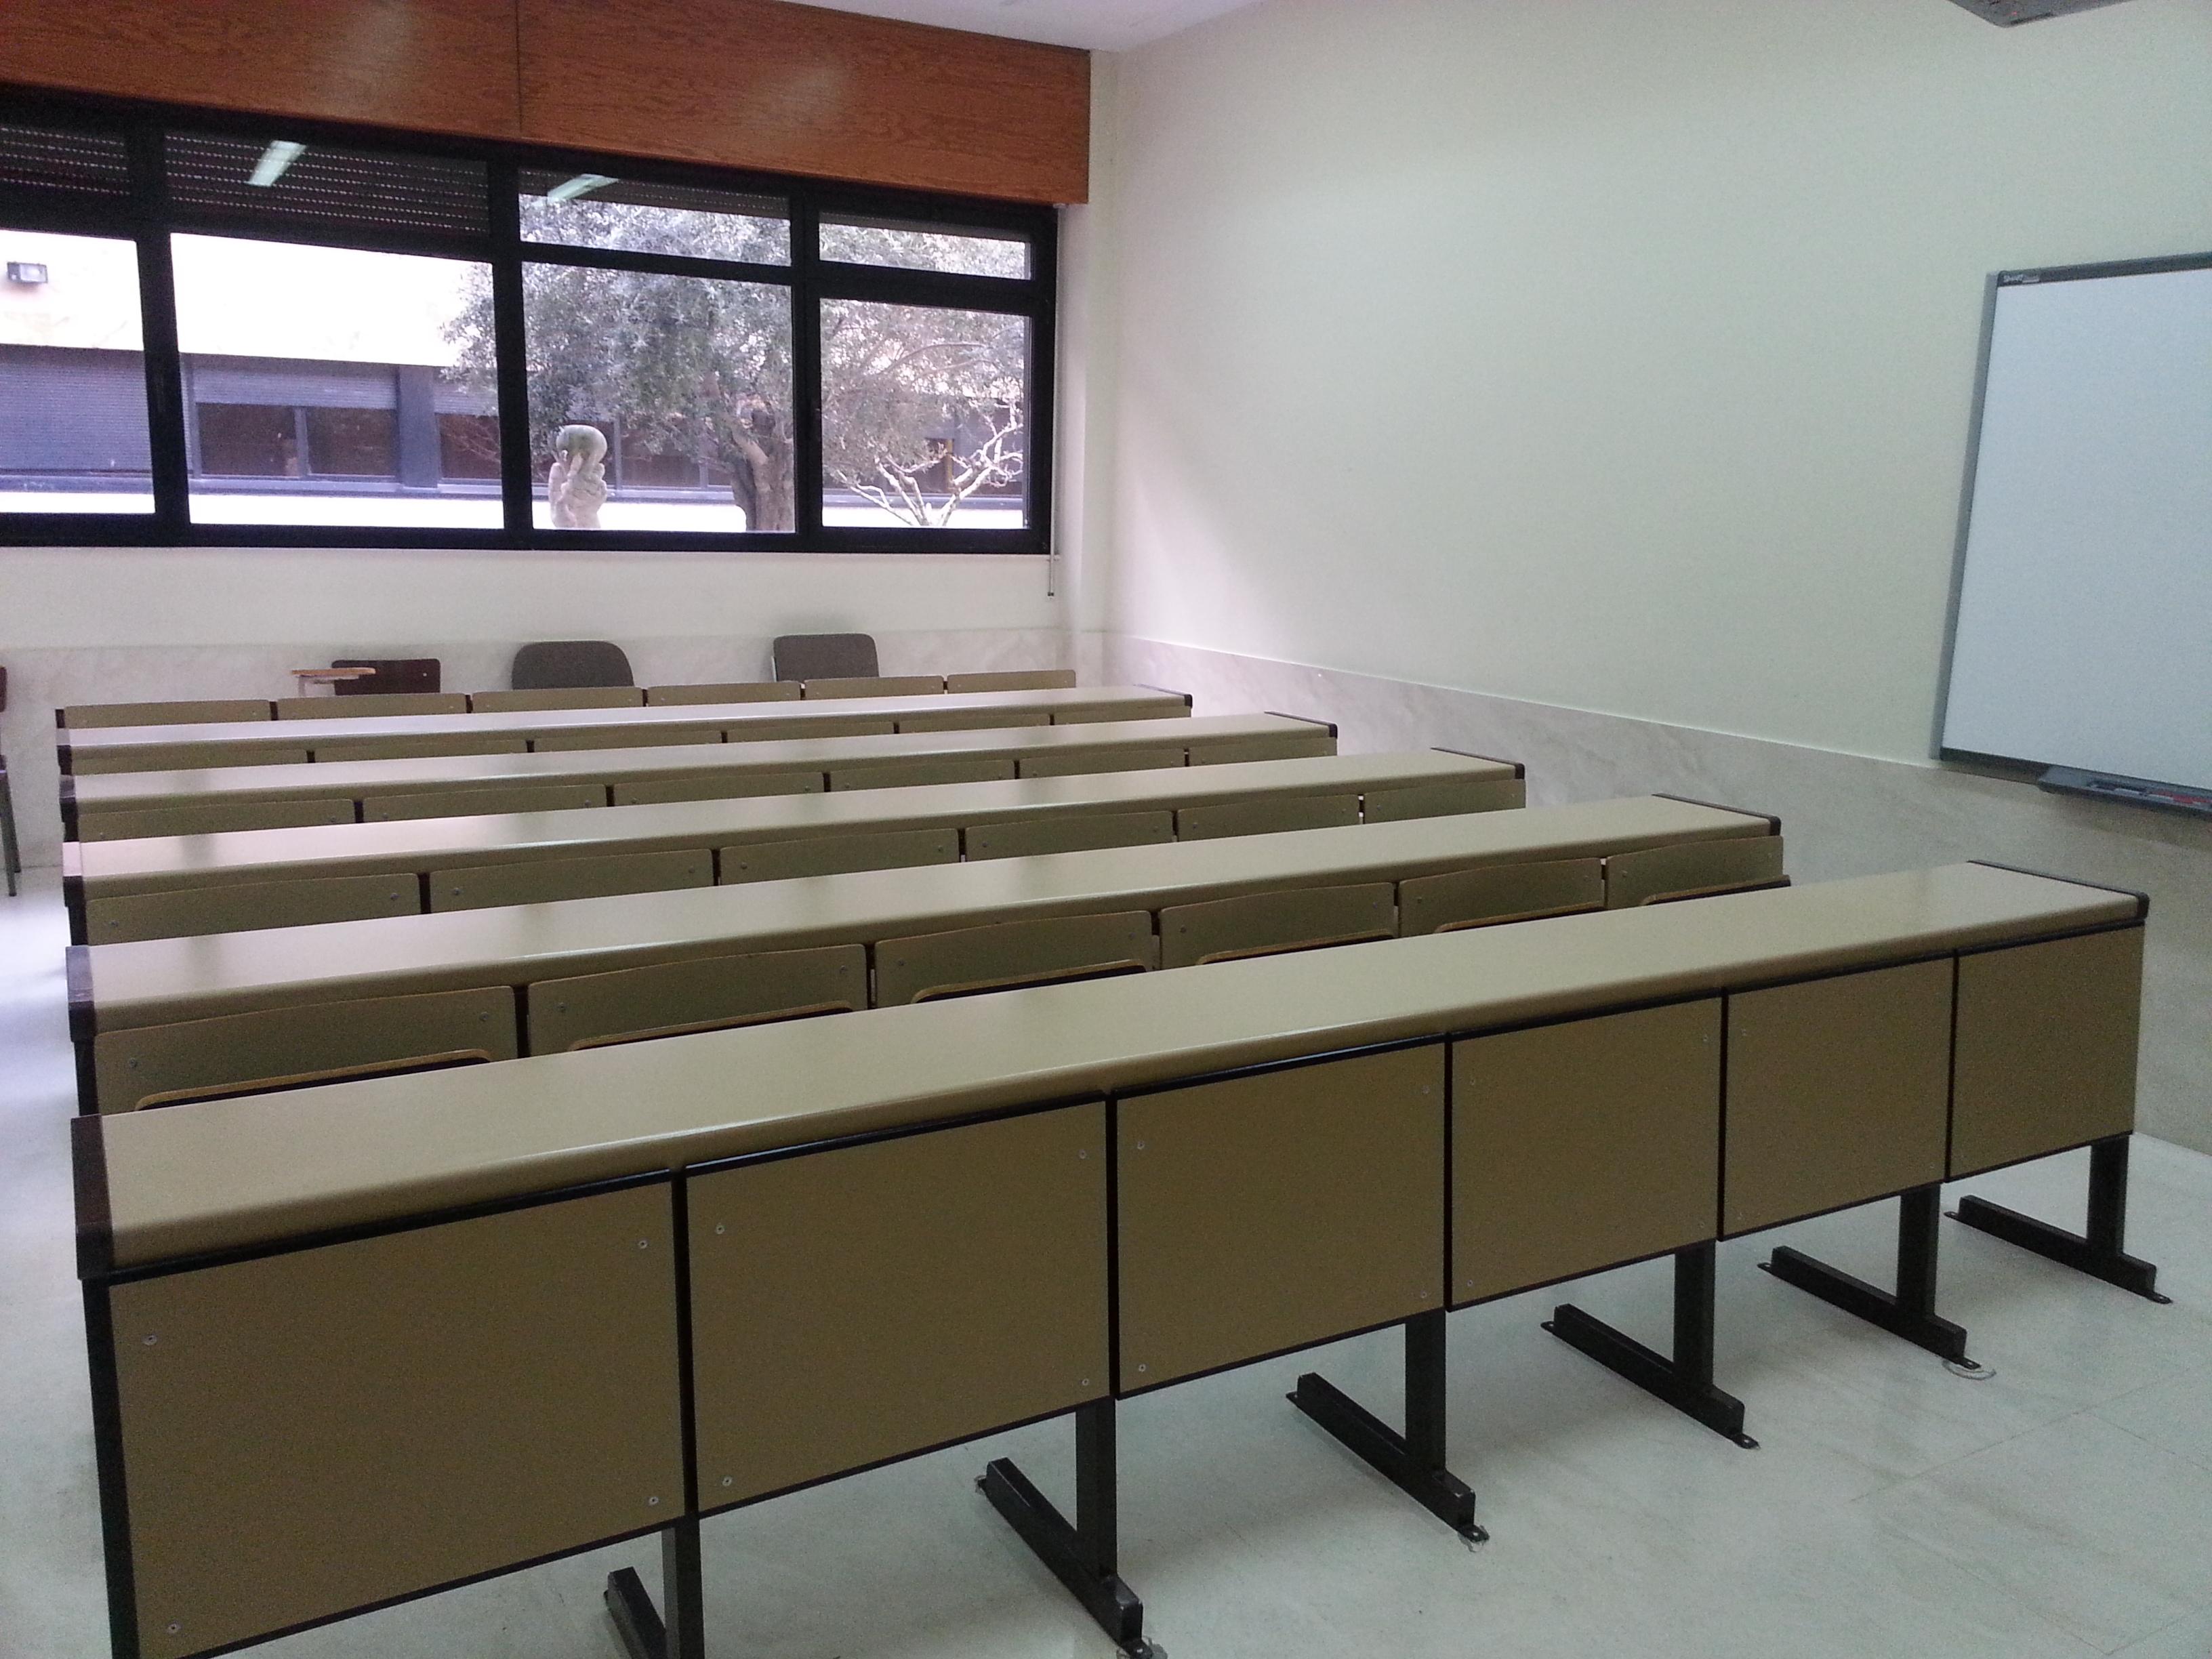 Aulas vacías en la Facultad de Filosofía